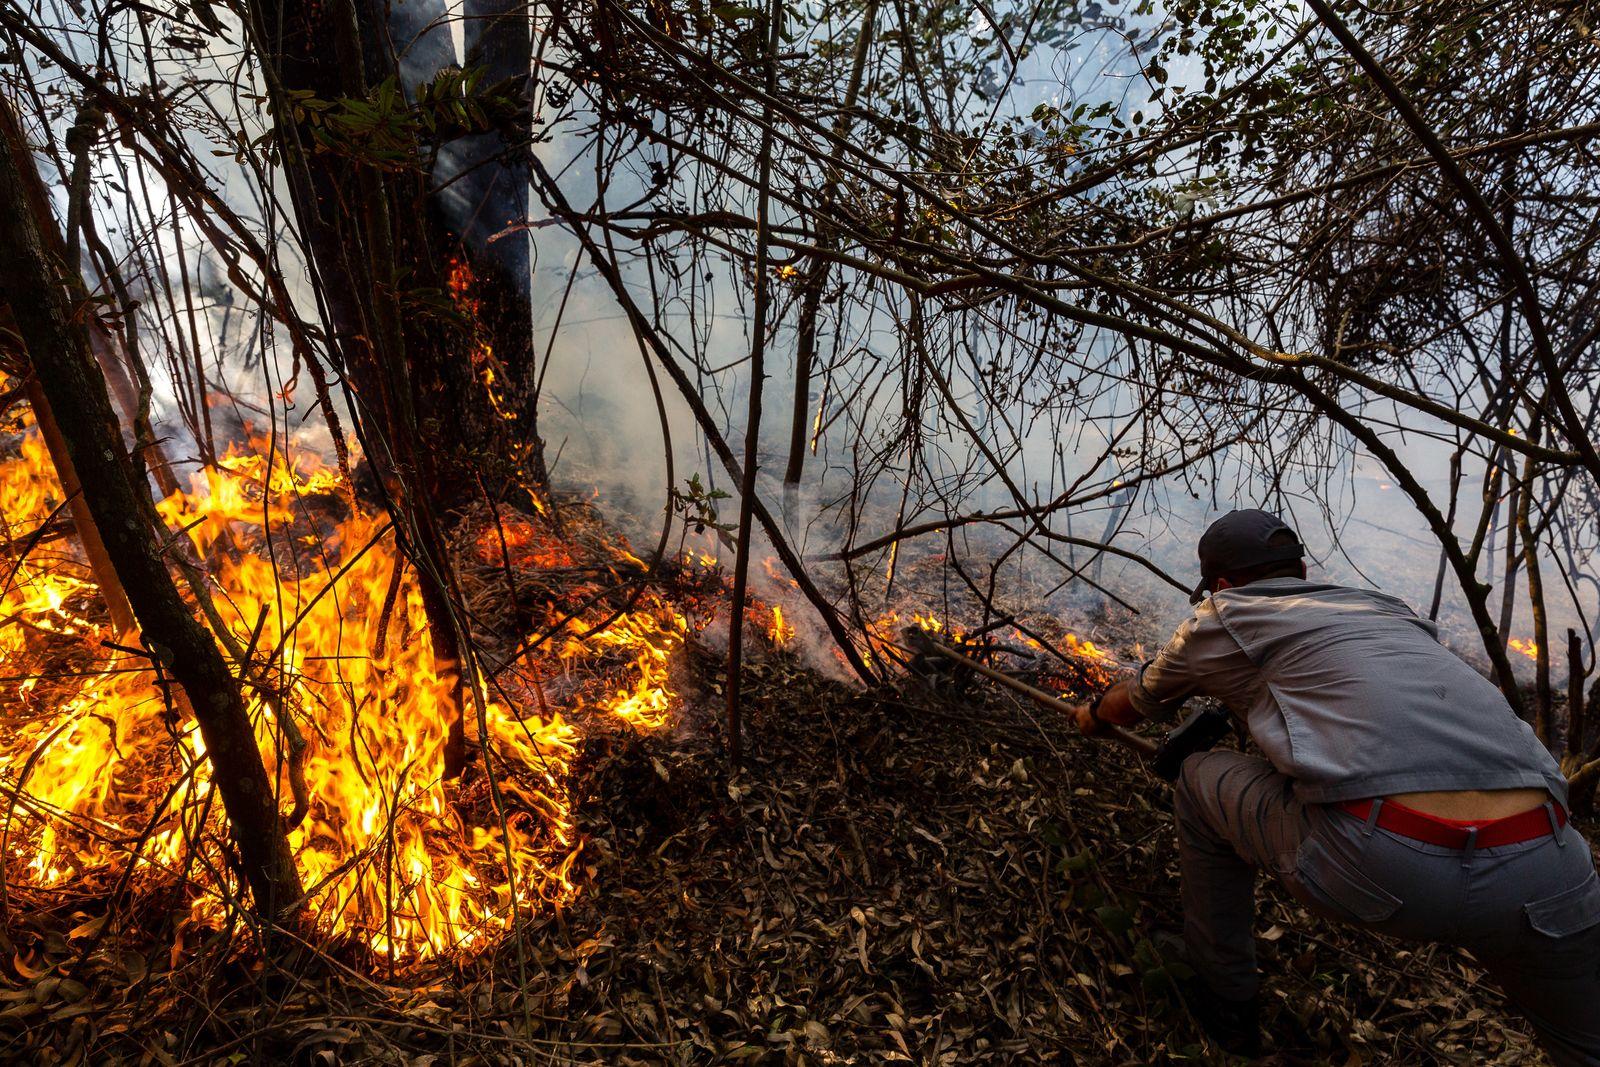 Waldbrand in einem indigenen Gebiet in Brasilien